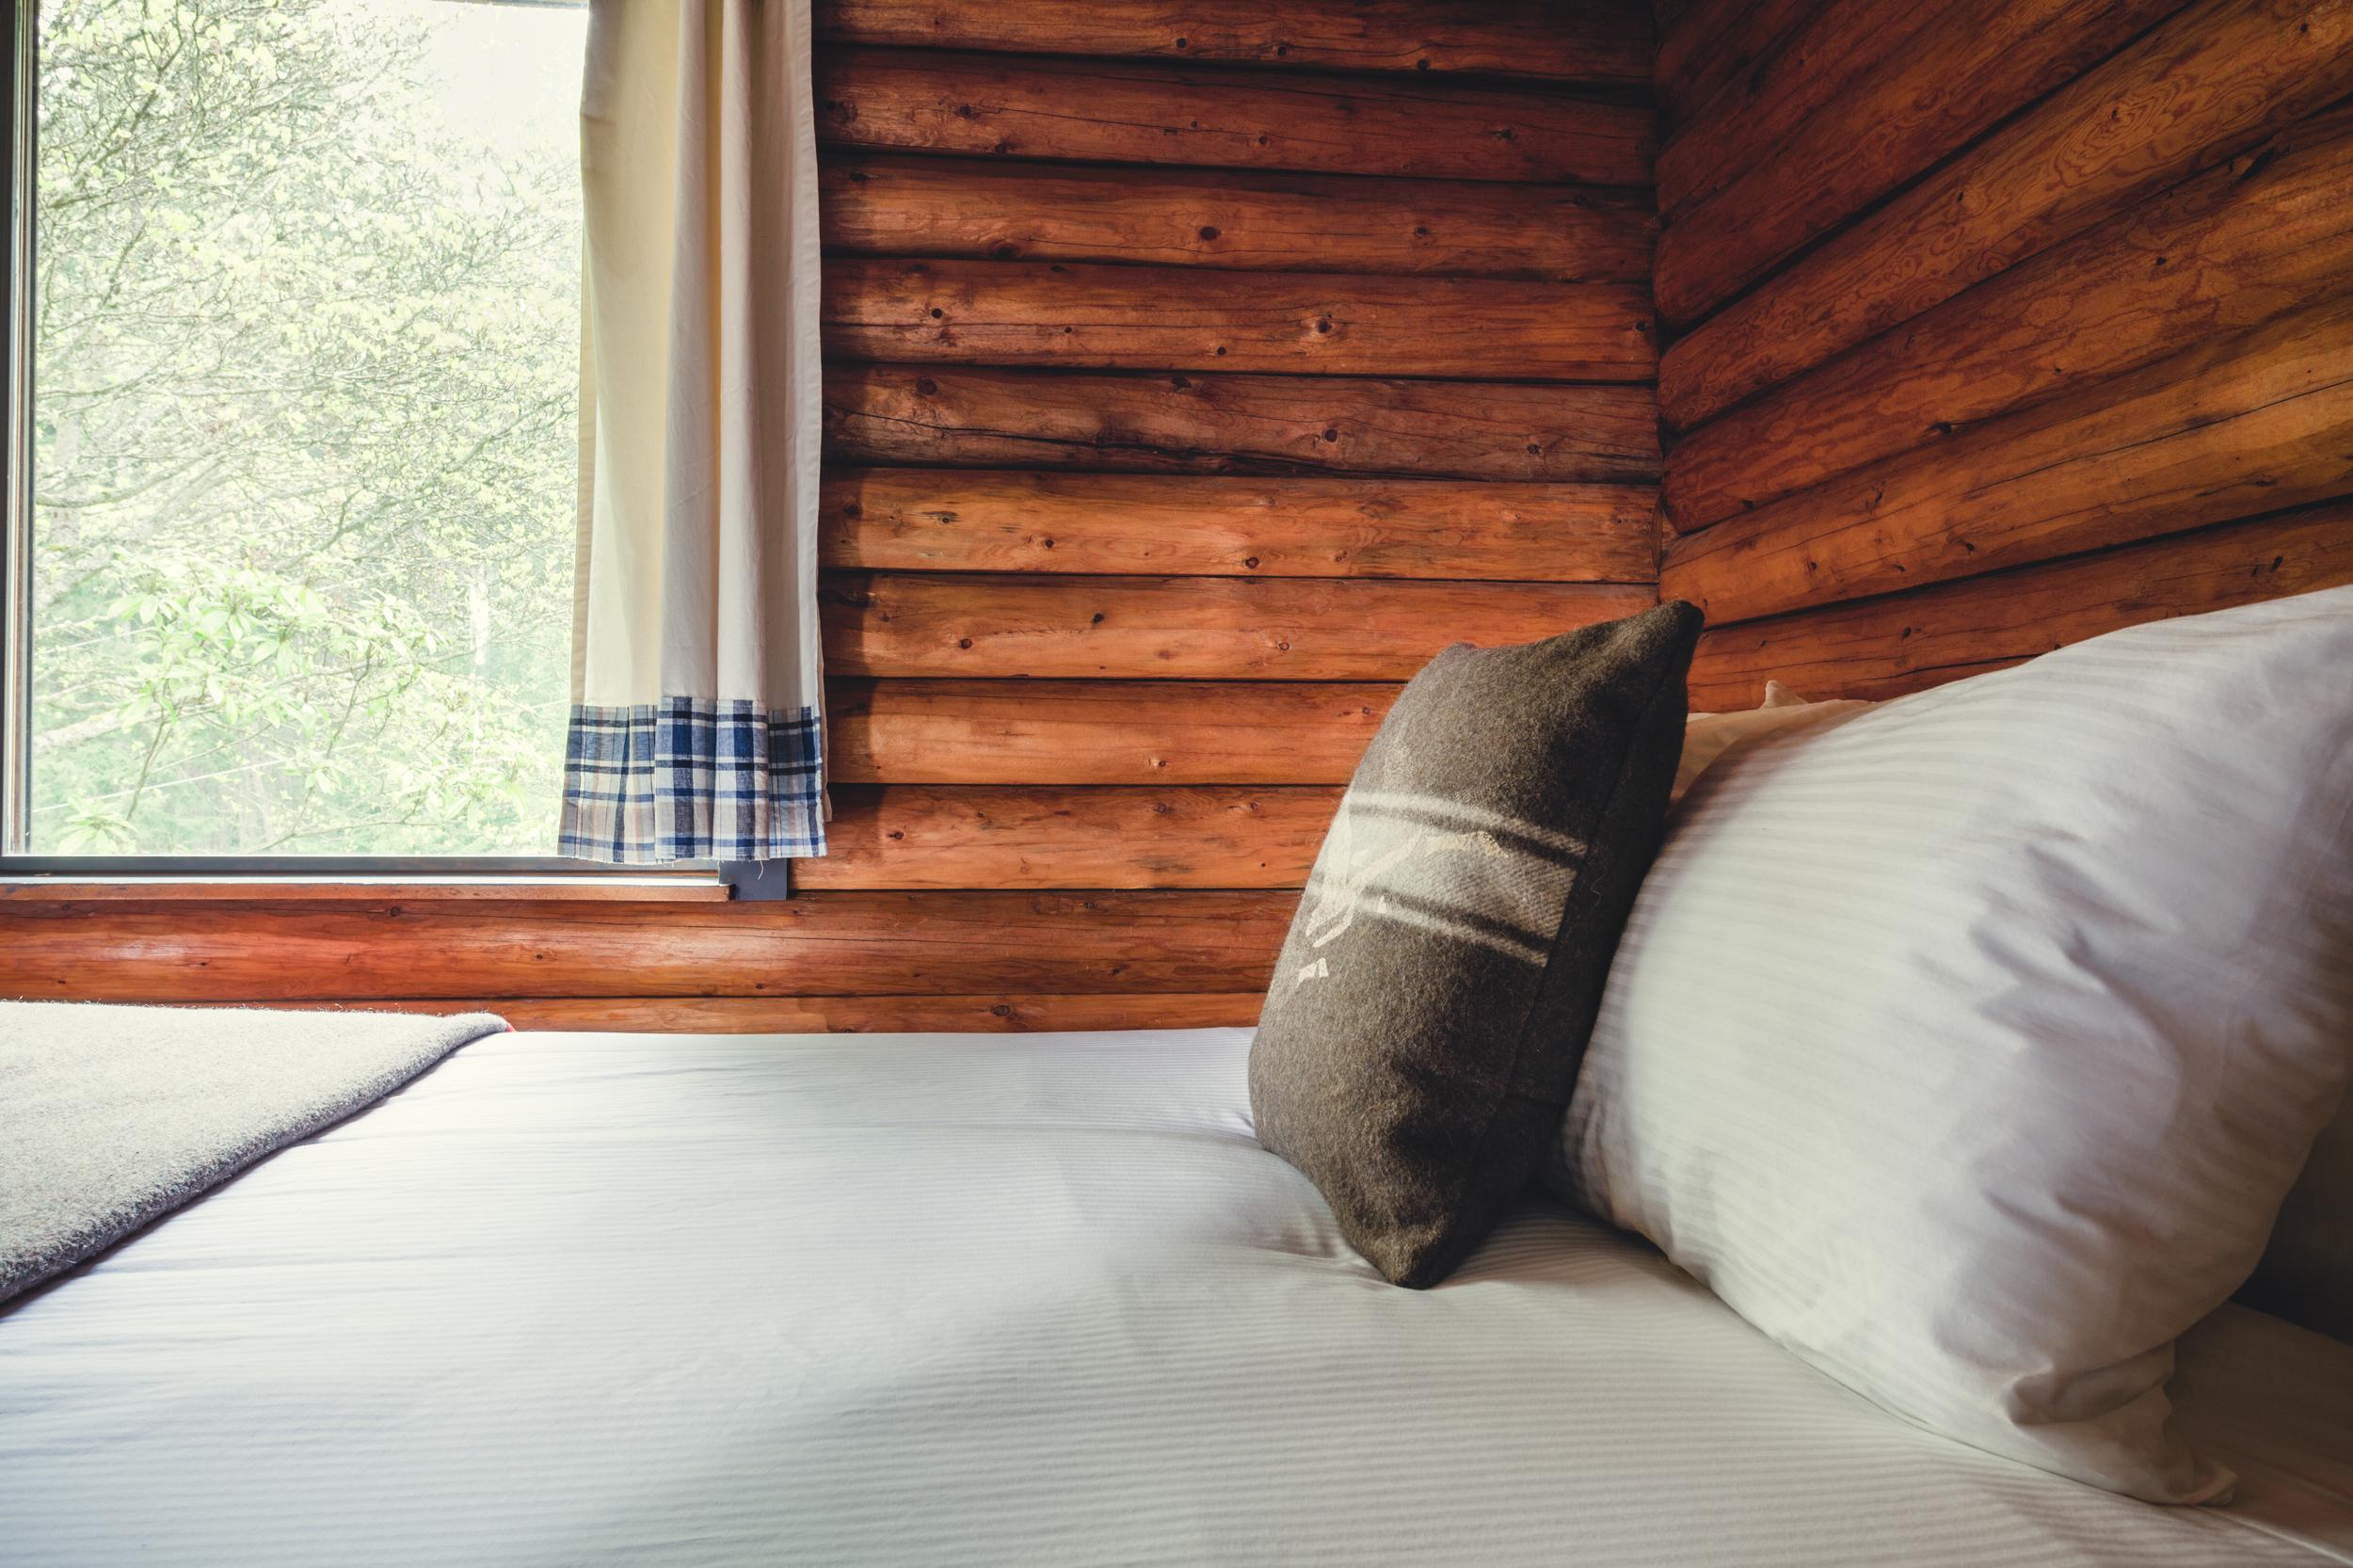 150402_Bodega_Cabin_Interior_19-Edit.jpg